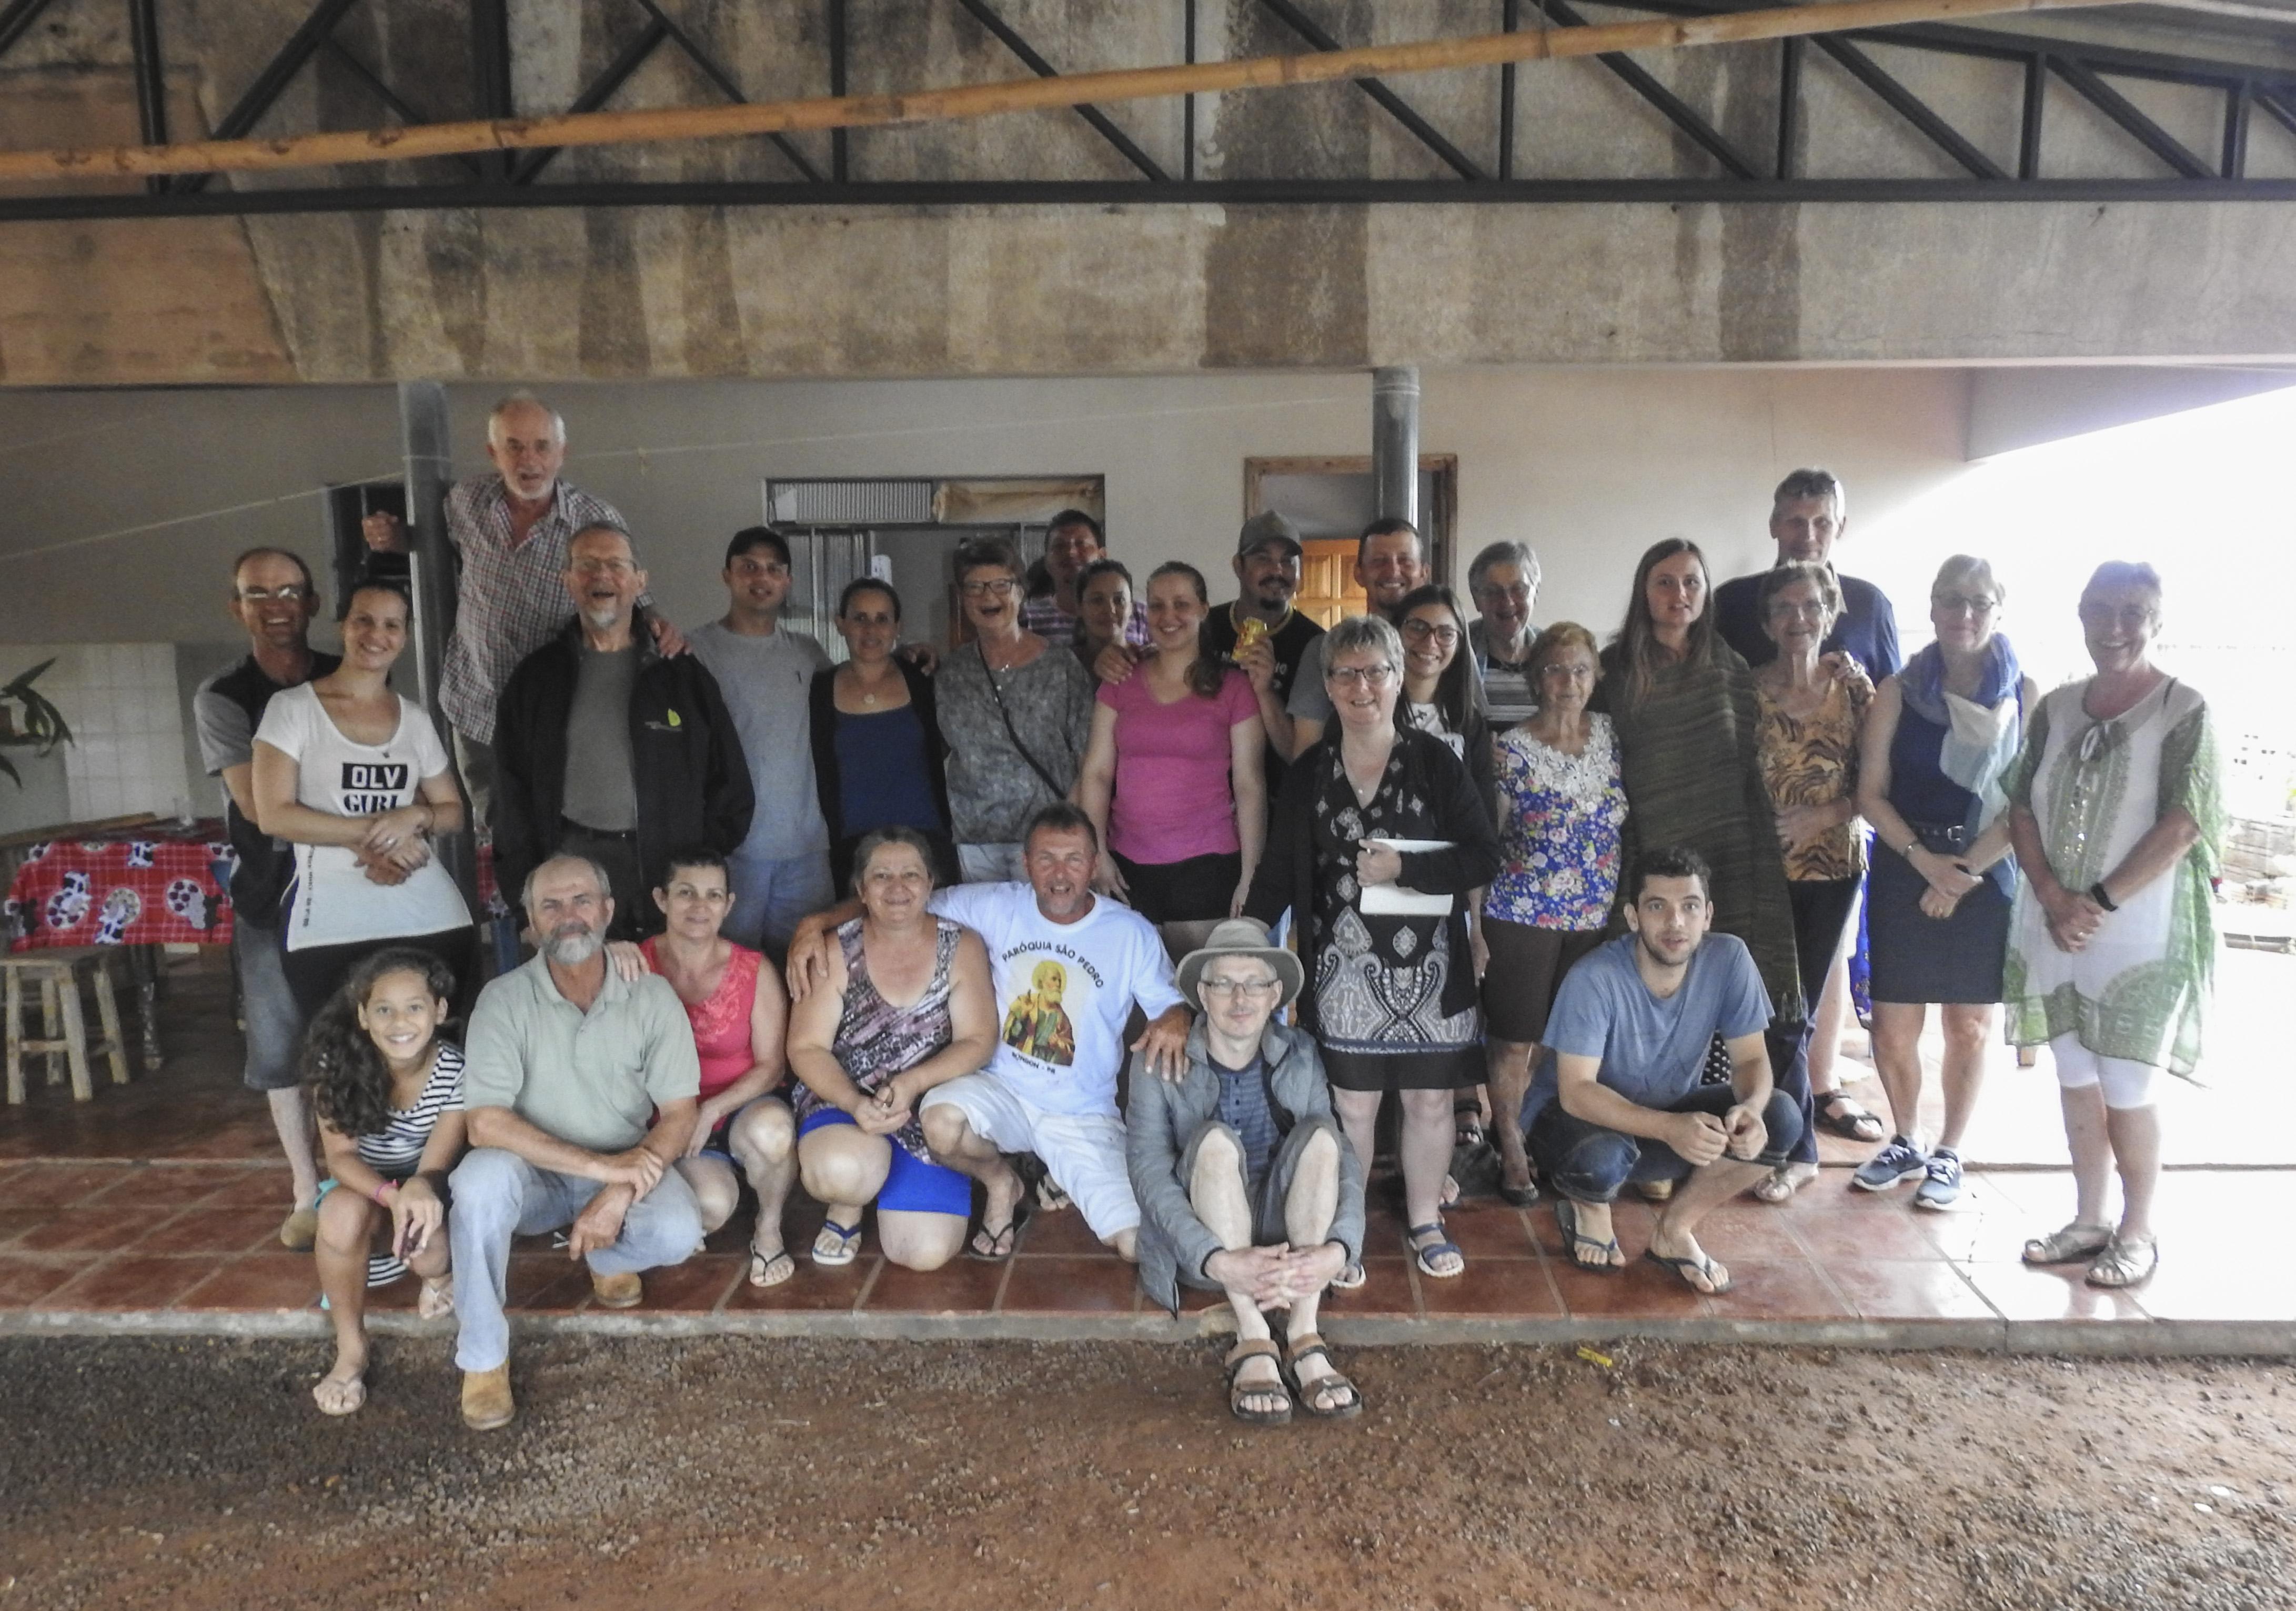 16-paa-besoeg-hos-brunos-familie